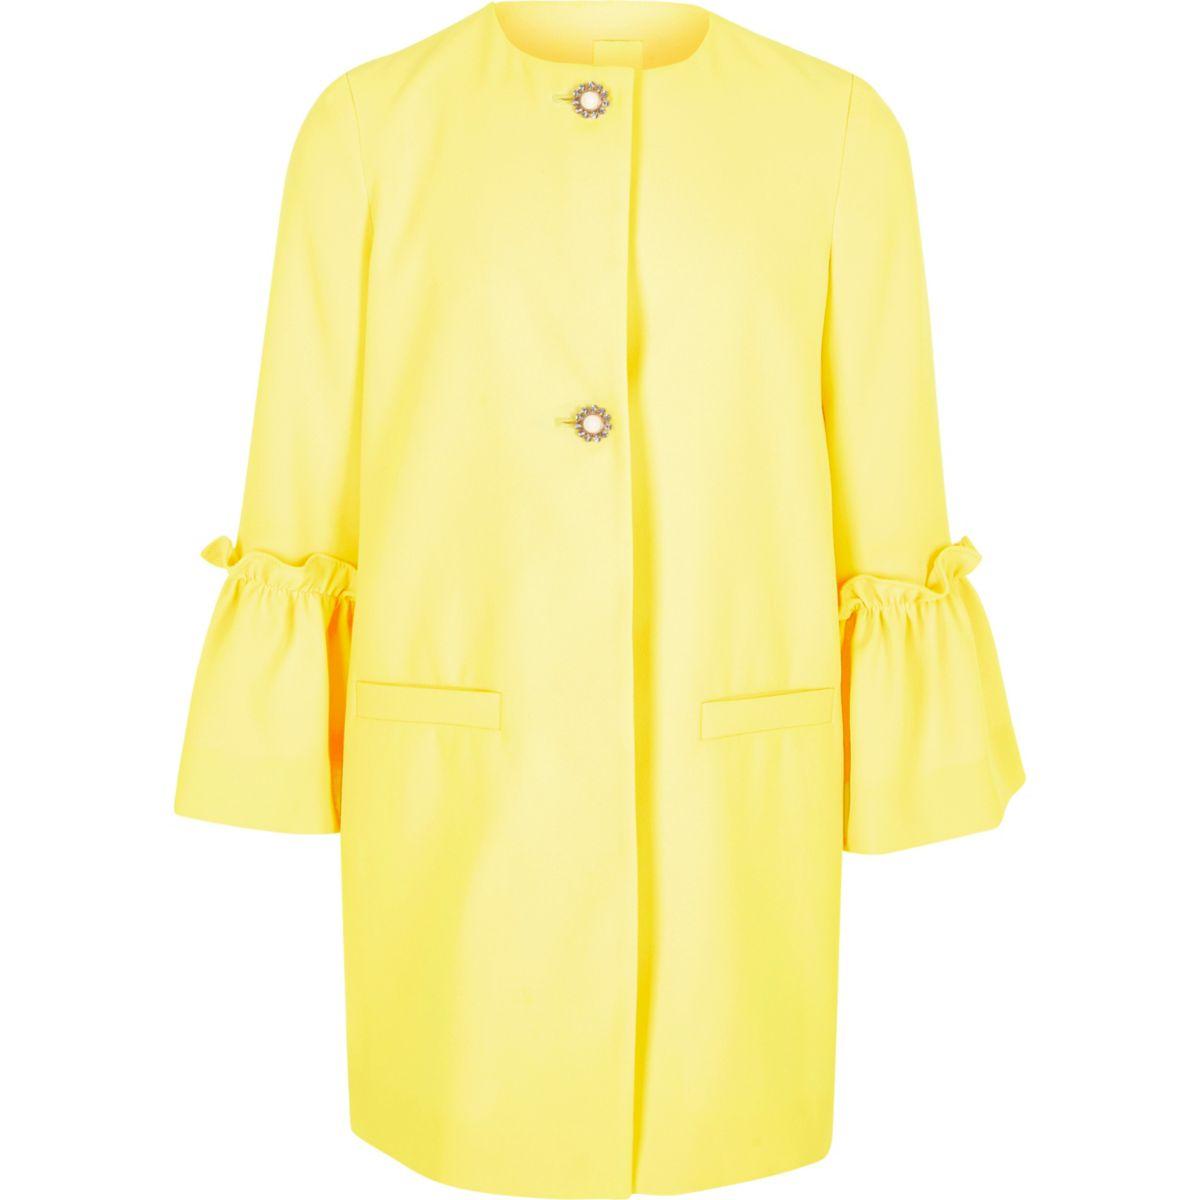 Gelber Mantel mit Perlenknöpfen